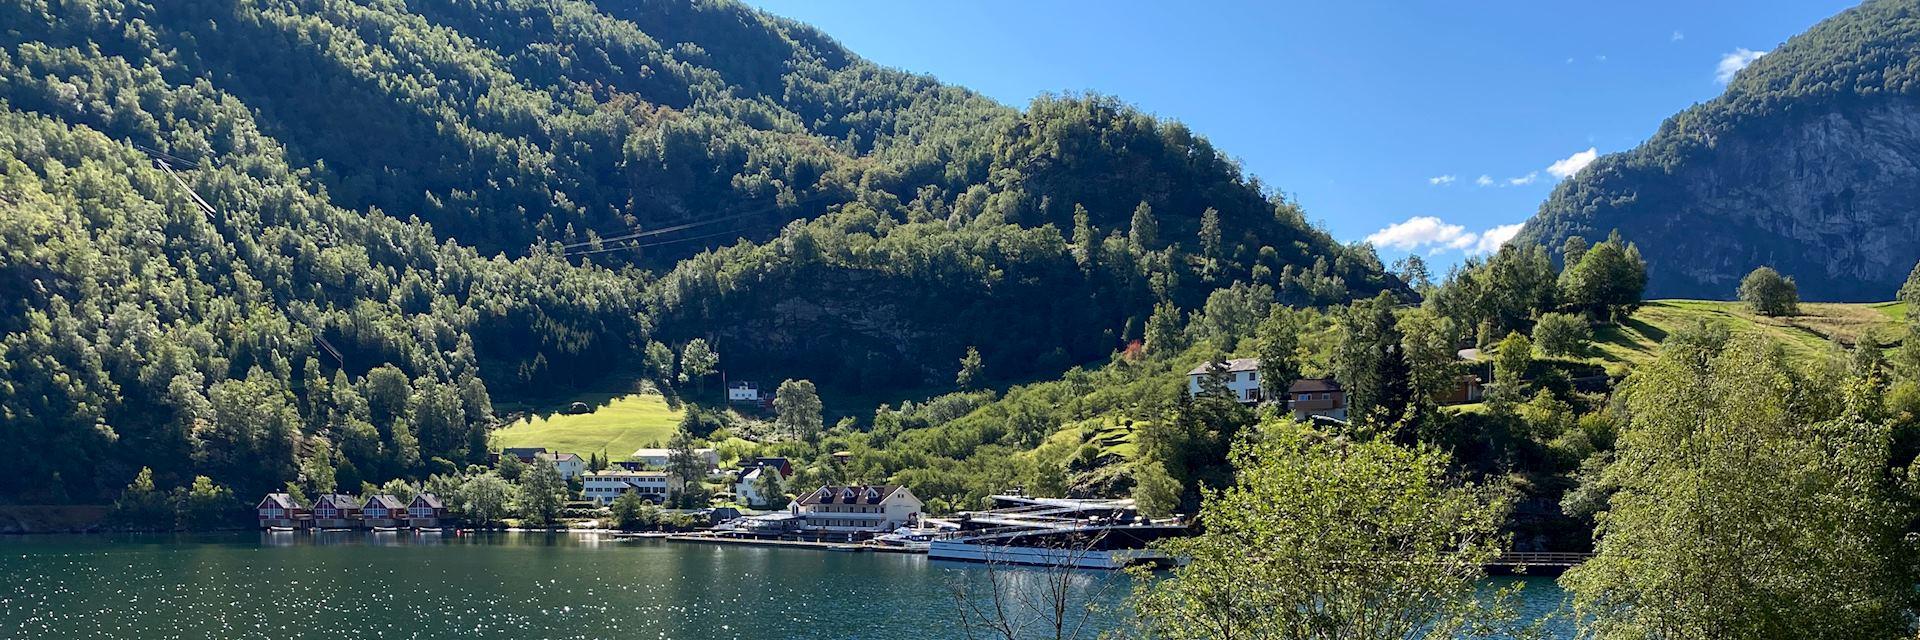 Flåmsbrygga, Norway